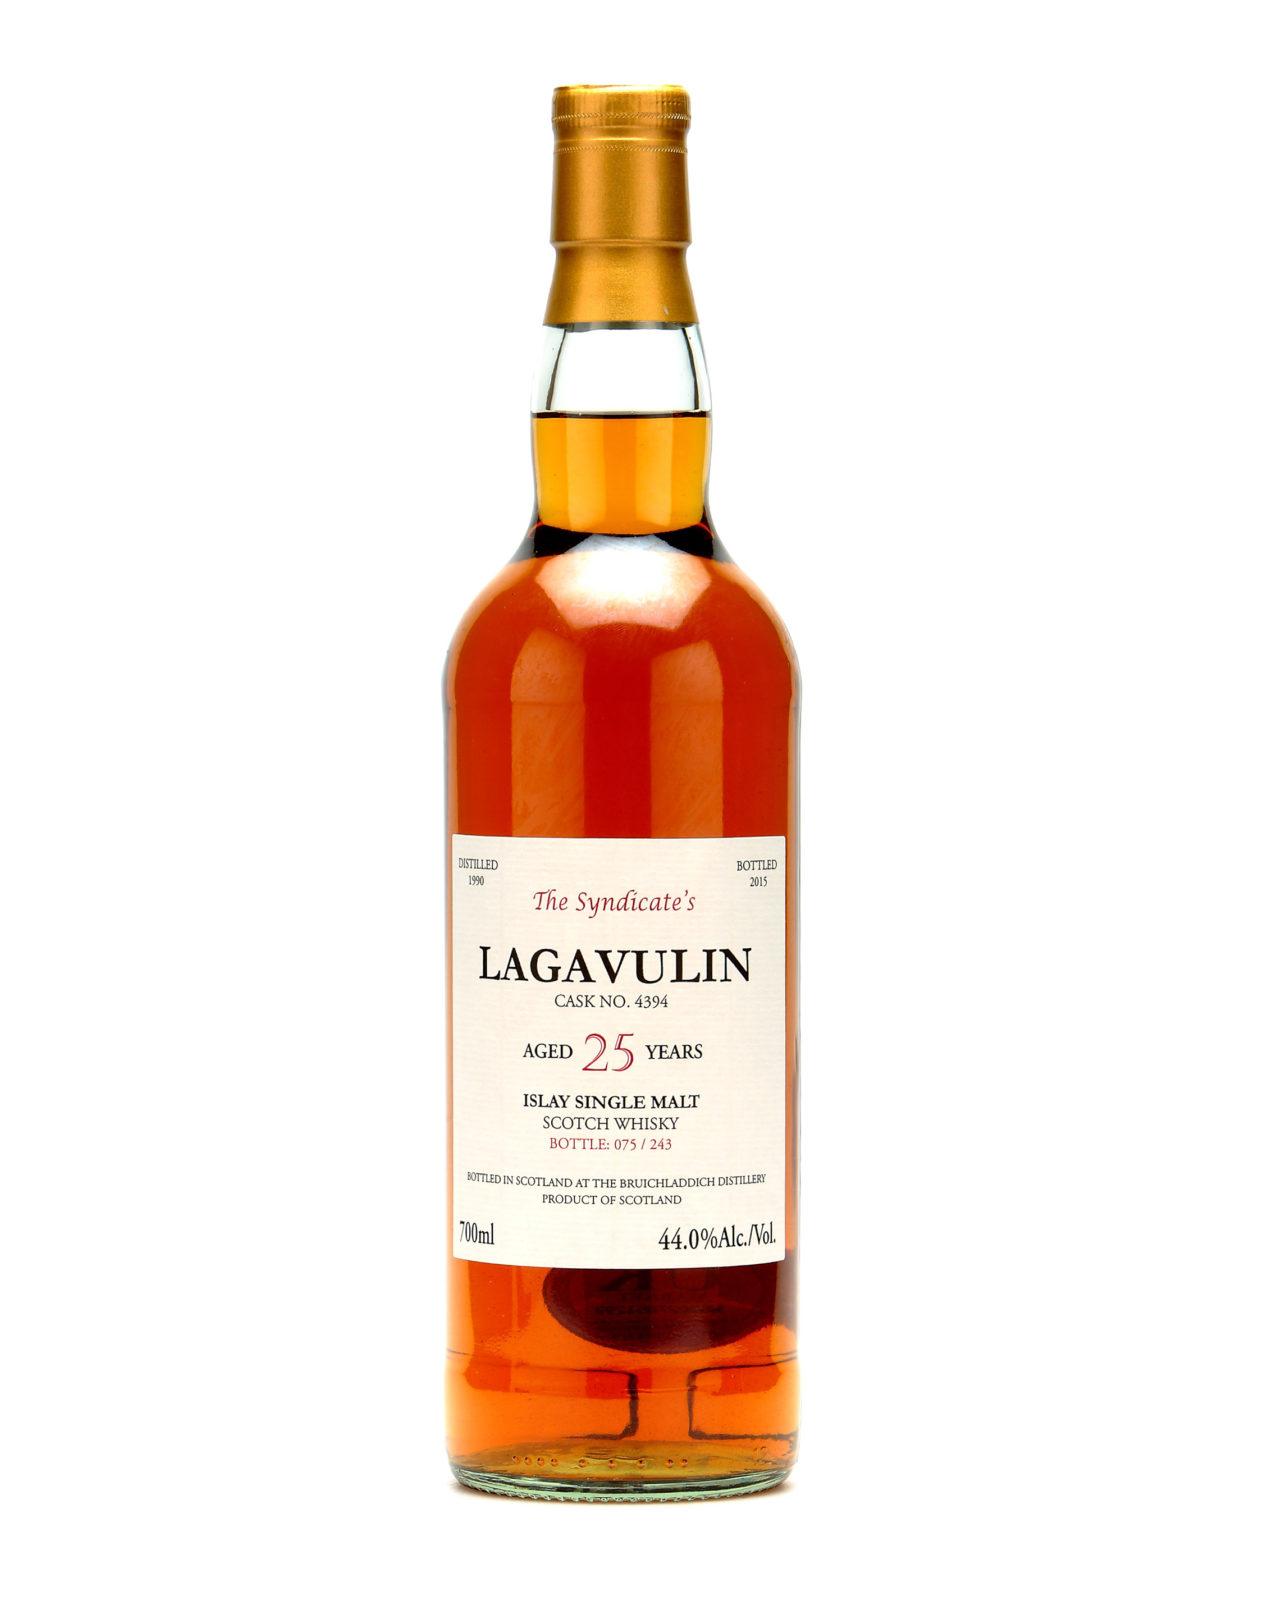 Lagavulin 25 Year Old